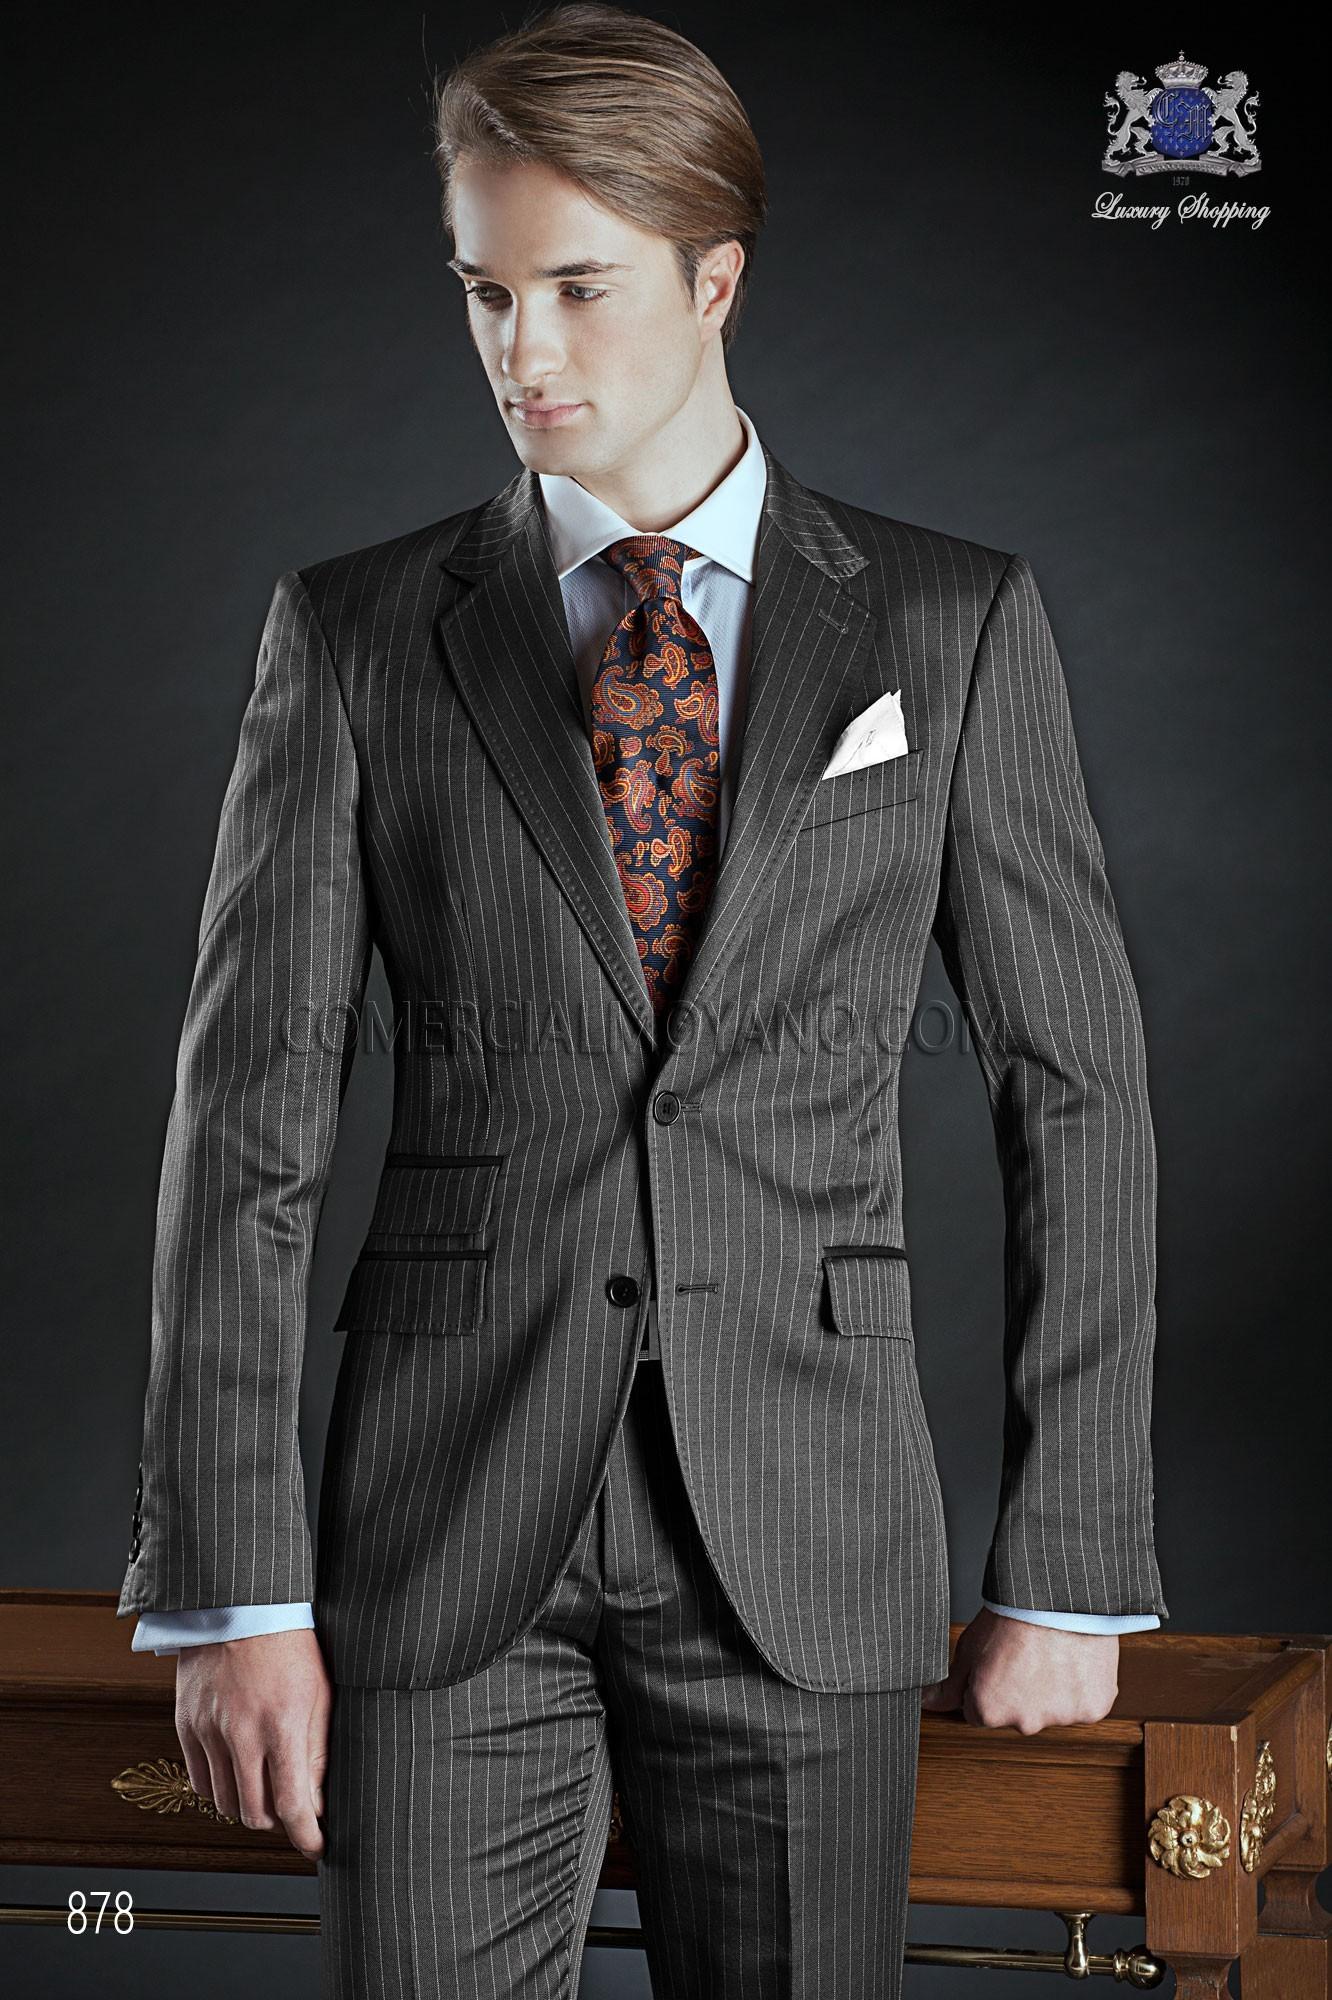 Gentleman gray men wedding suit model 878 Ottavio Nuccio Gala